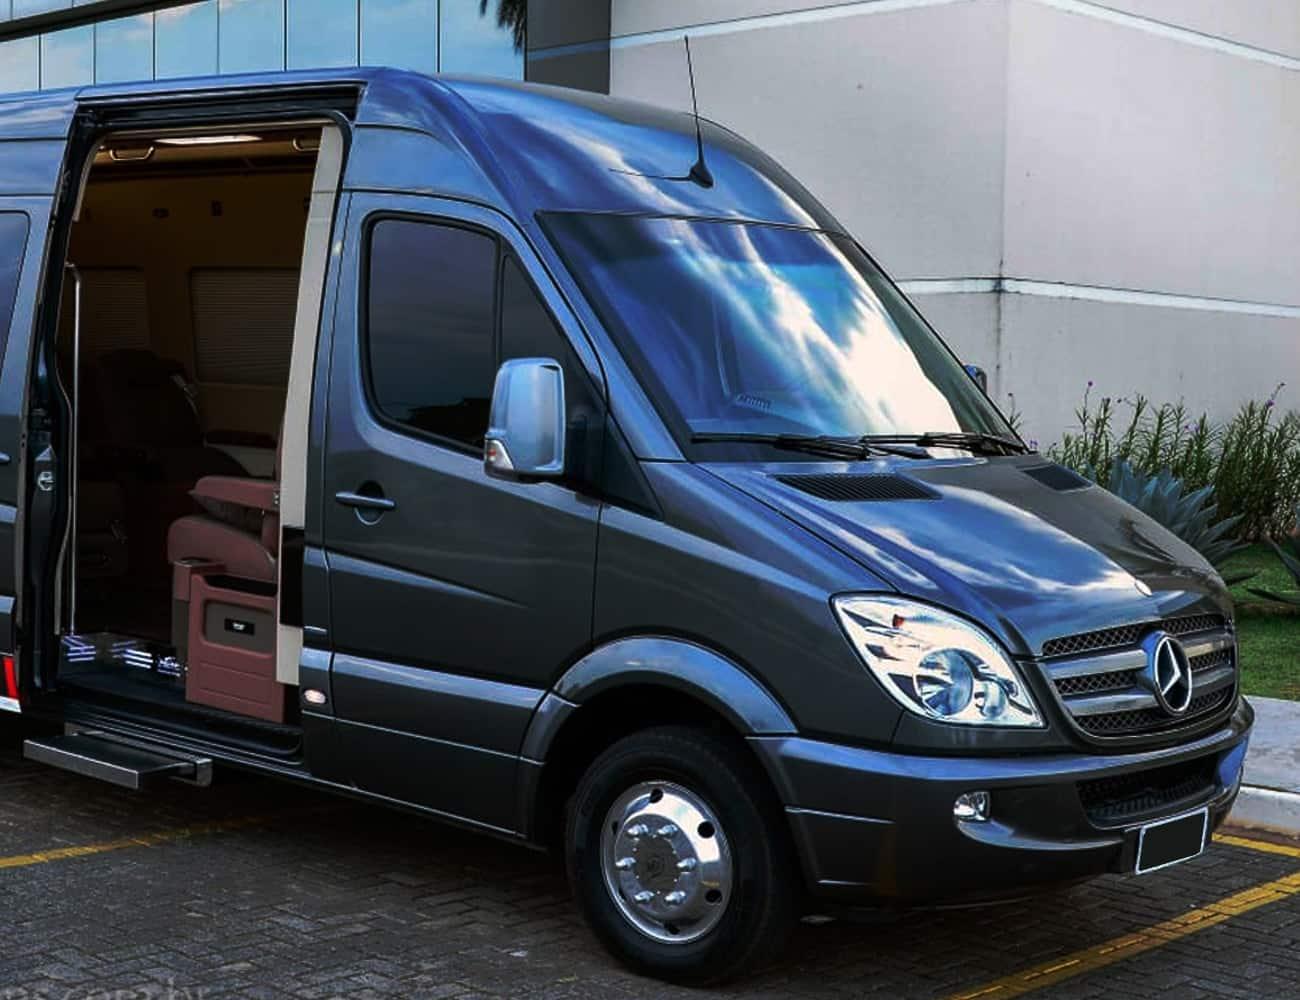 JetVan São Paulo com motorista, interior confortável para diárias, casamentos, viagem, consulados, enbaixadas, delegaçoes, empresas